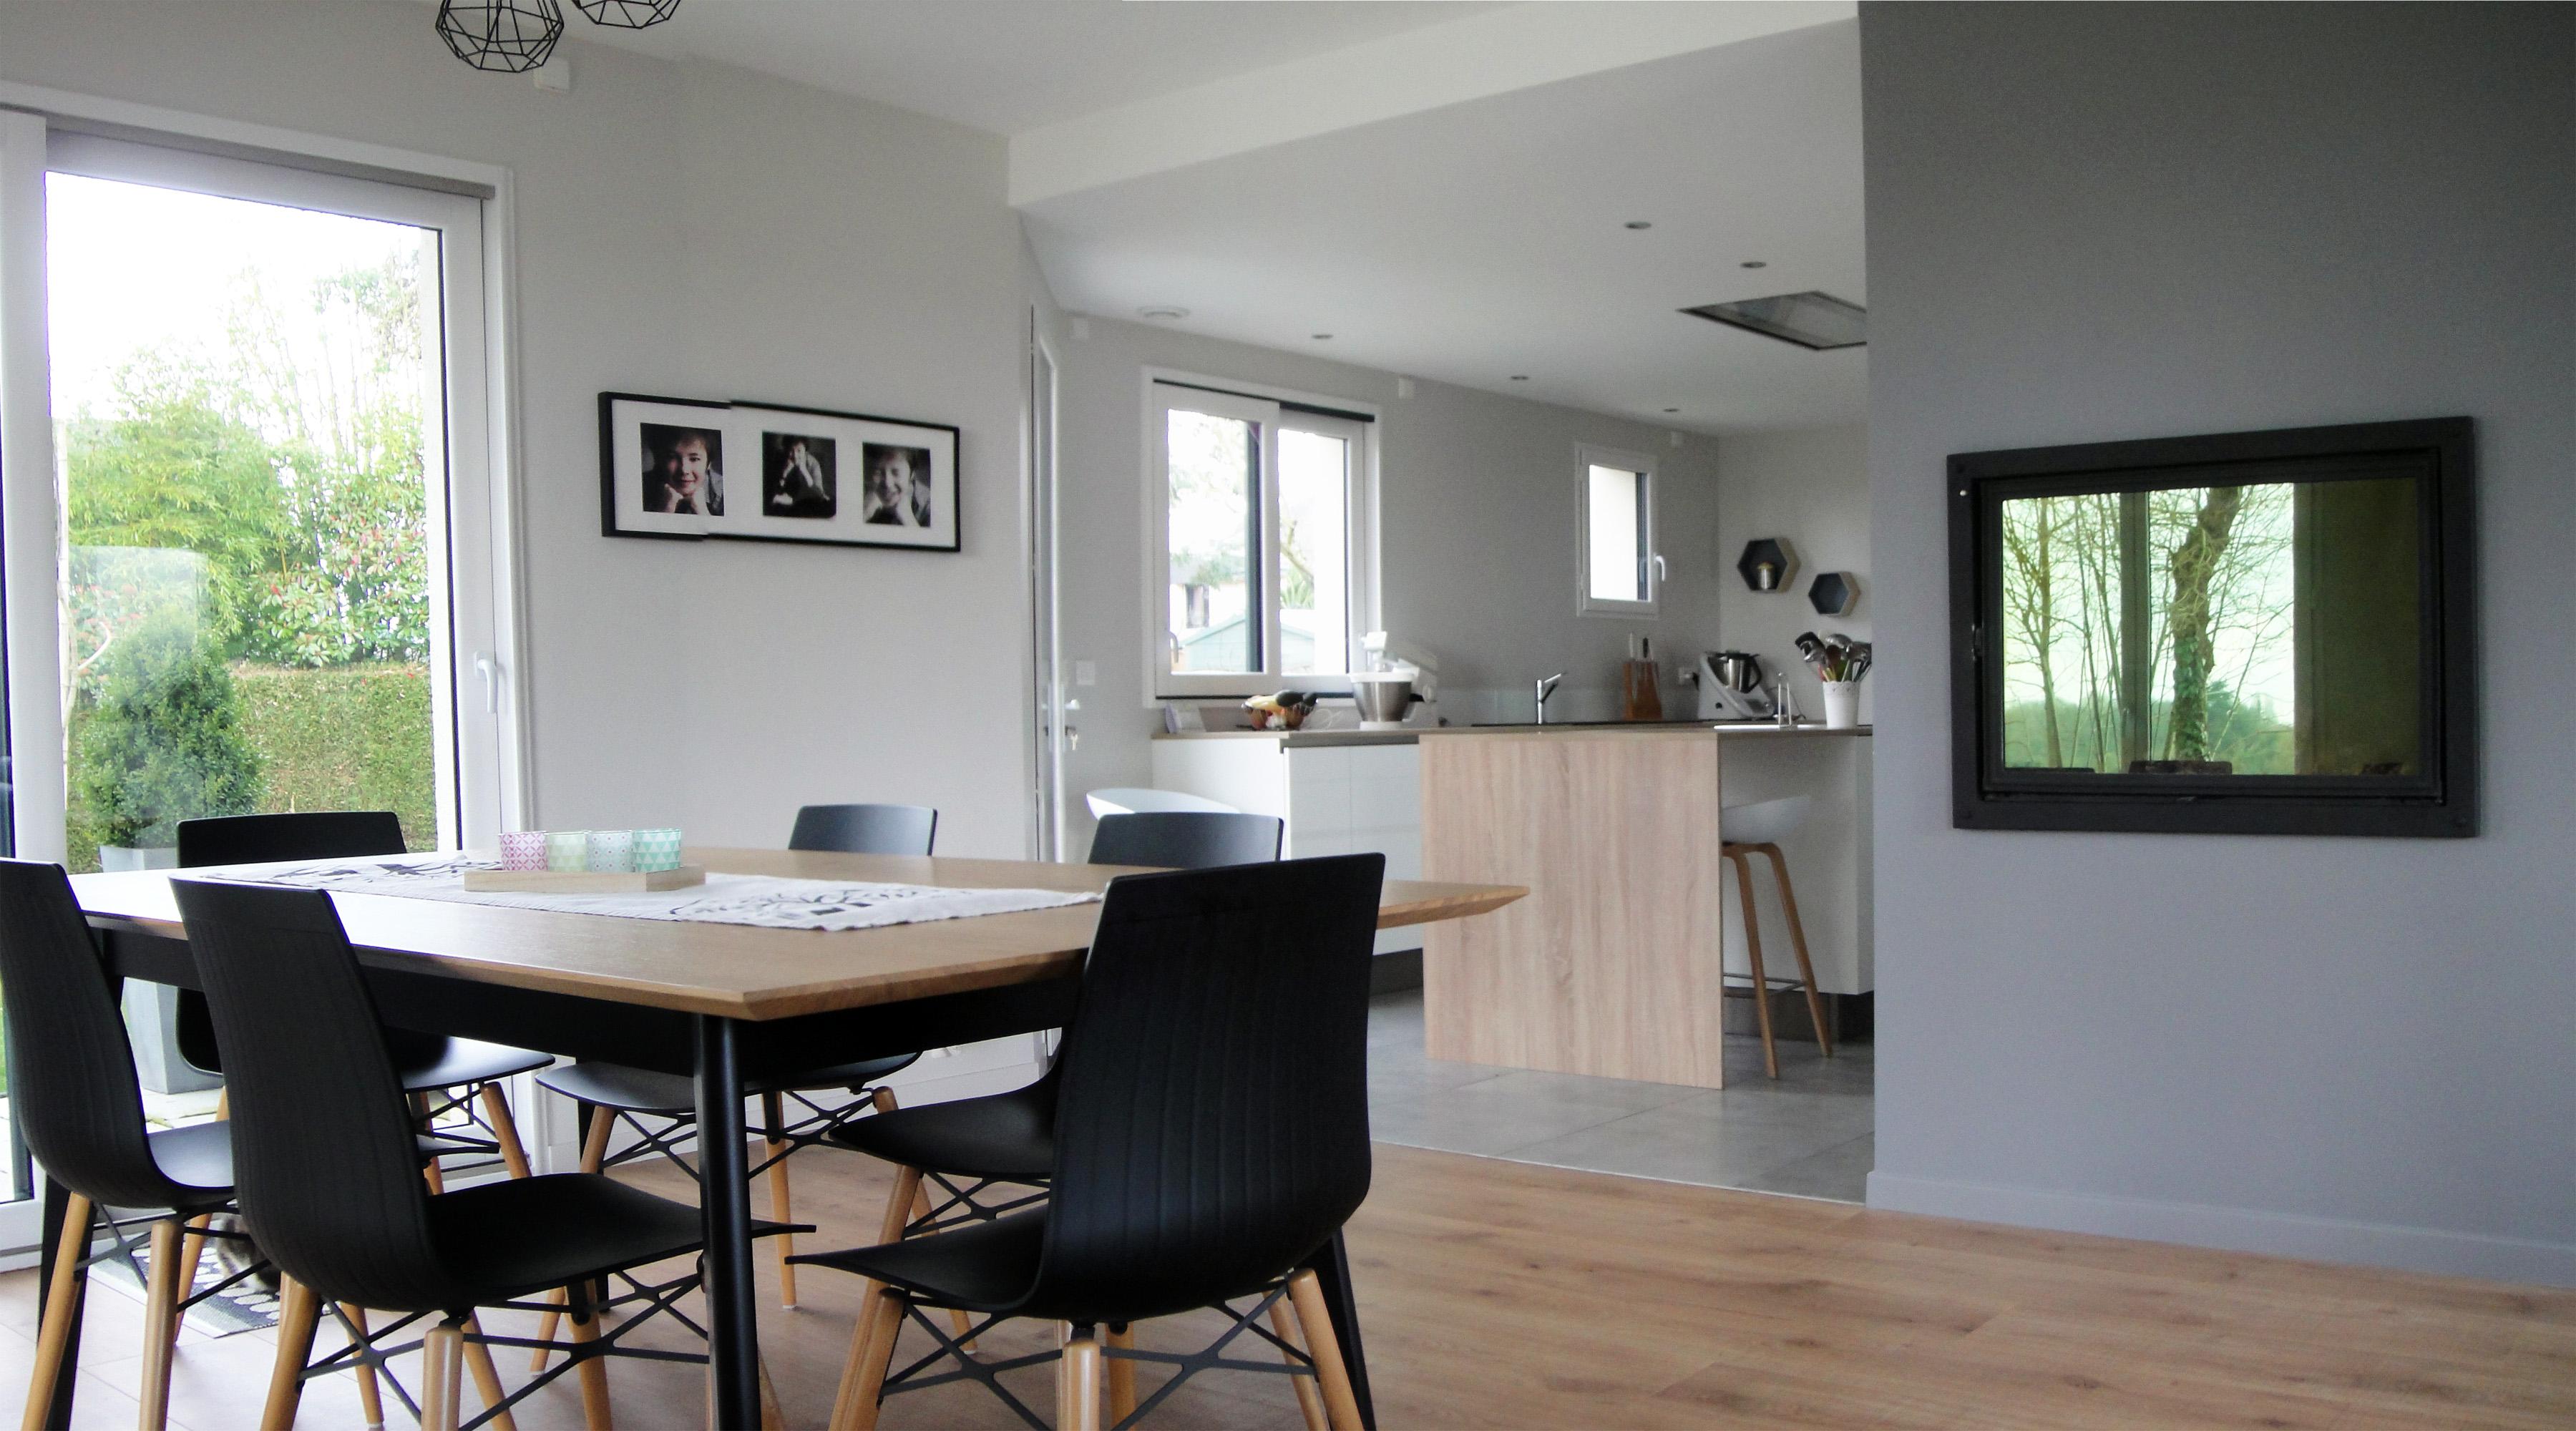 projet s s 1 2 vue architecte lise roturier rennes. Black Bedroom Furniture Sets. Home Design Ideas